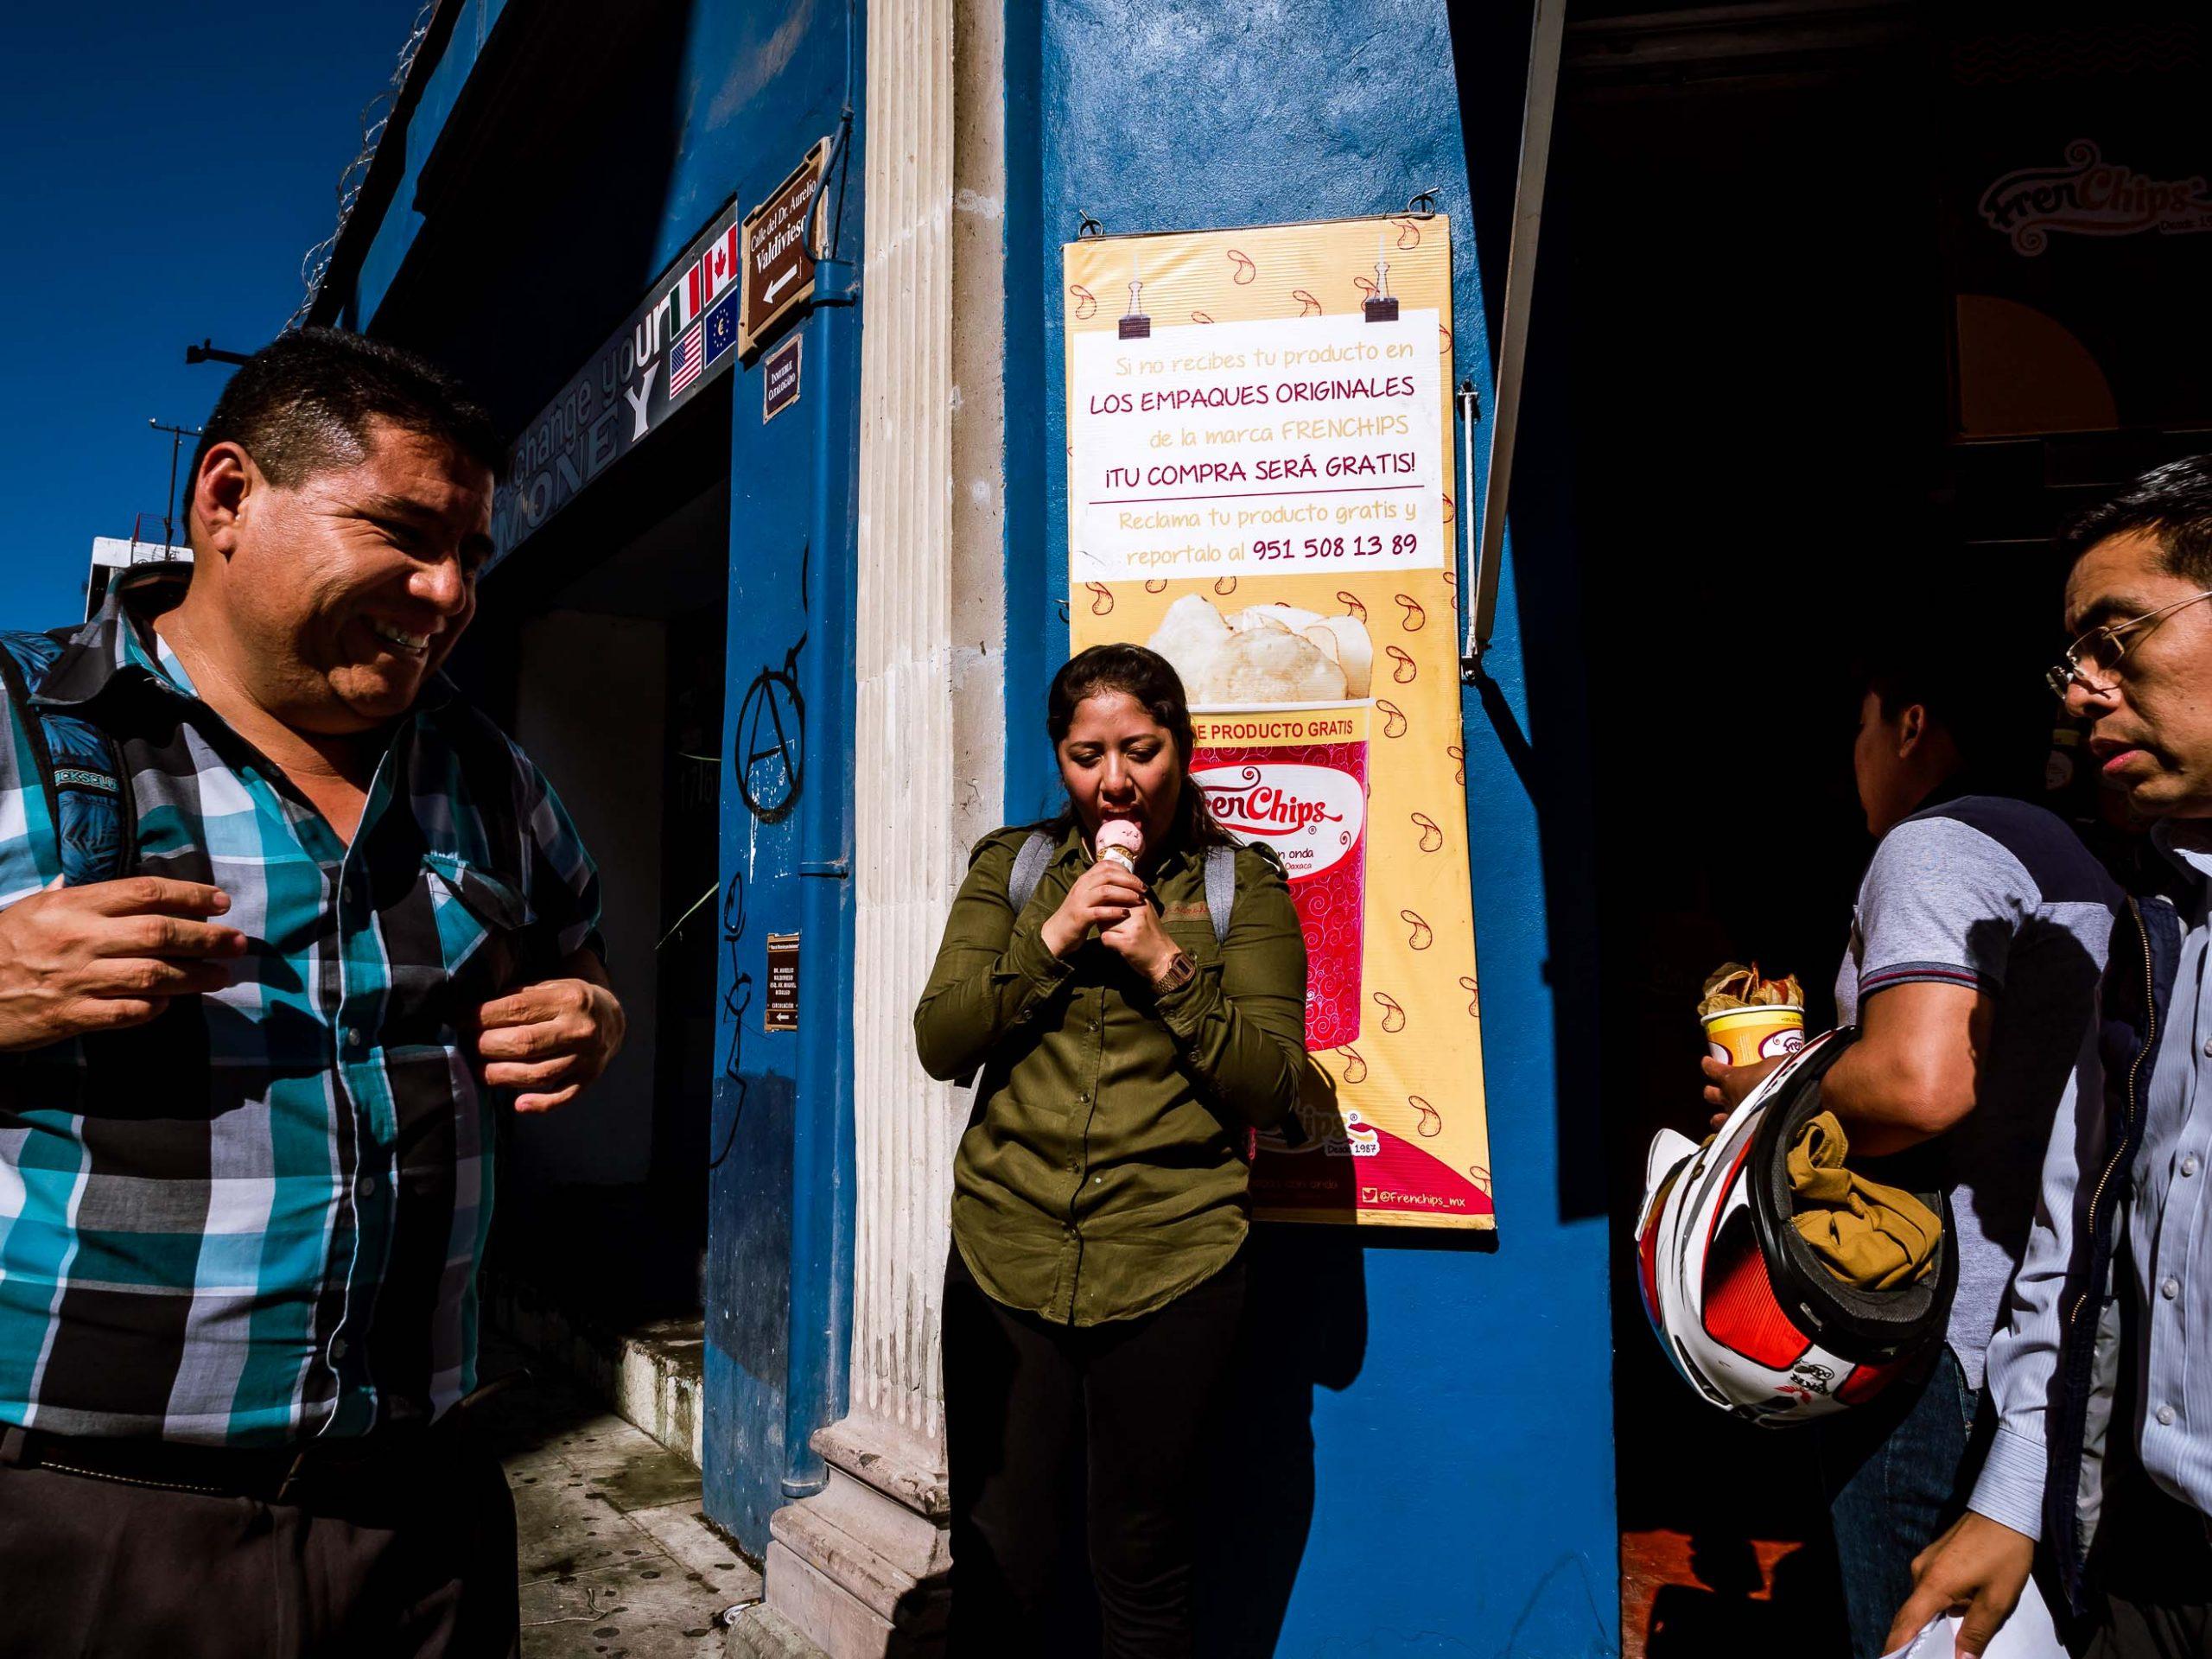 Frau schleckt Eis an einer Straßenecke in Oaxaca, Mexiko